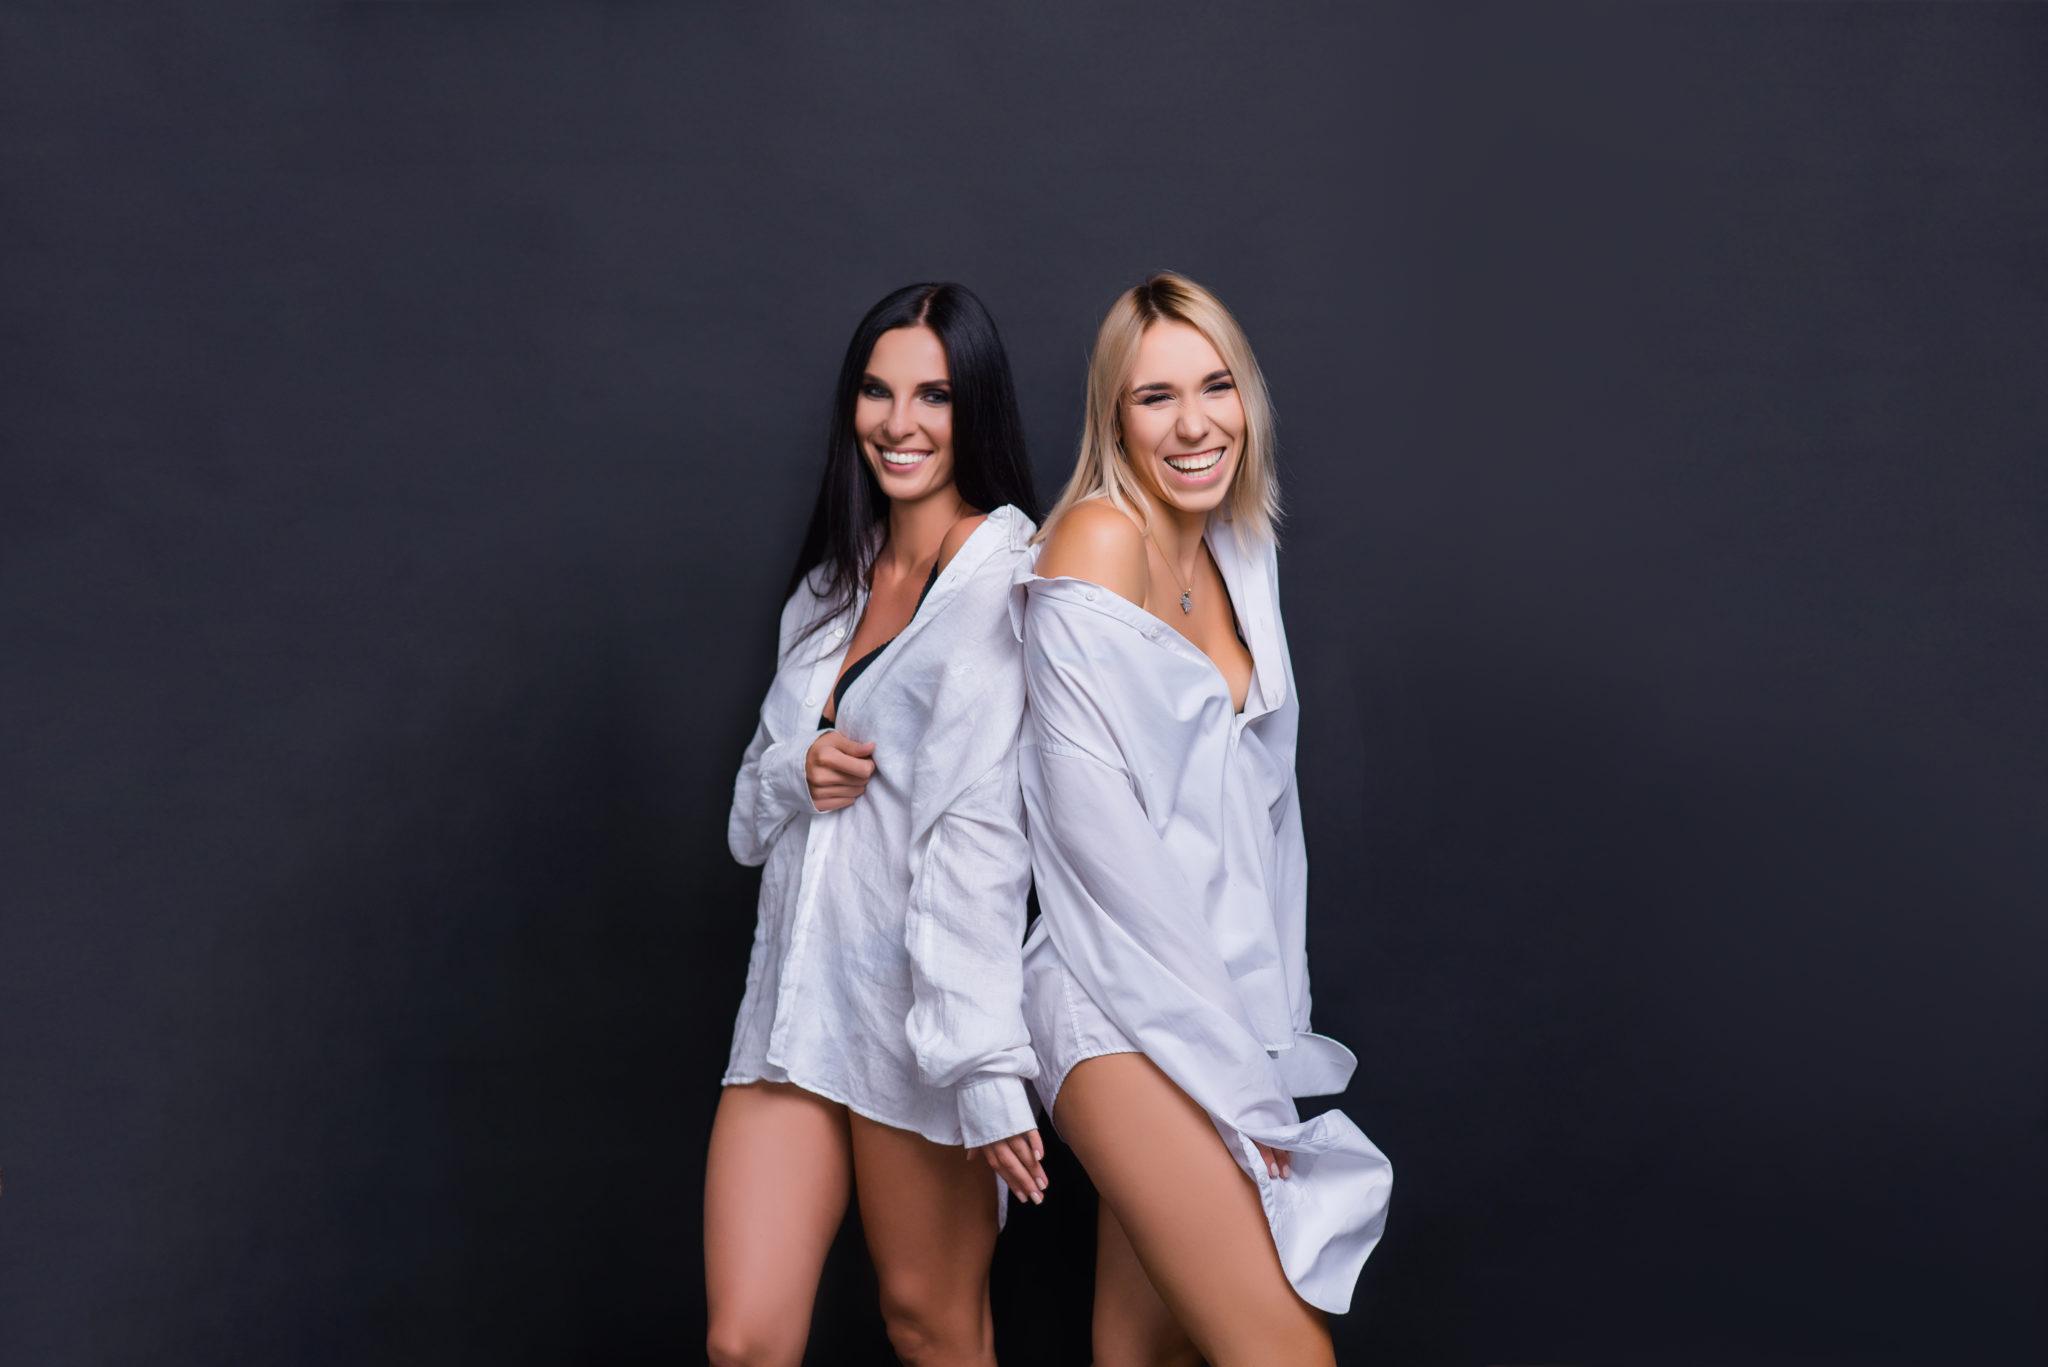 Девичник в студии, 2 девушки на черном фоне в белых рубашках